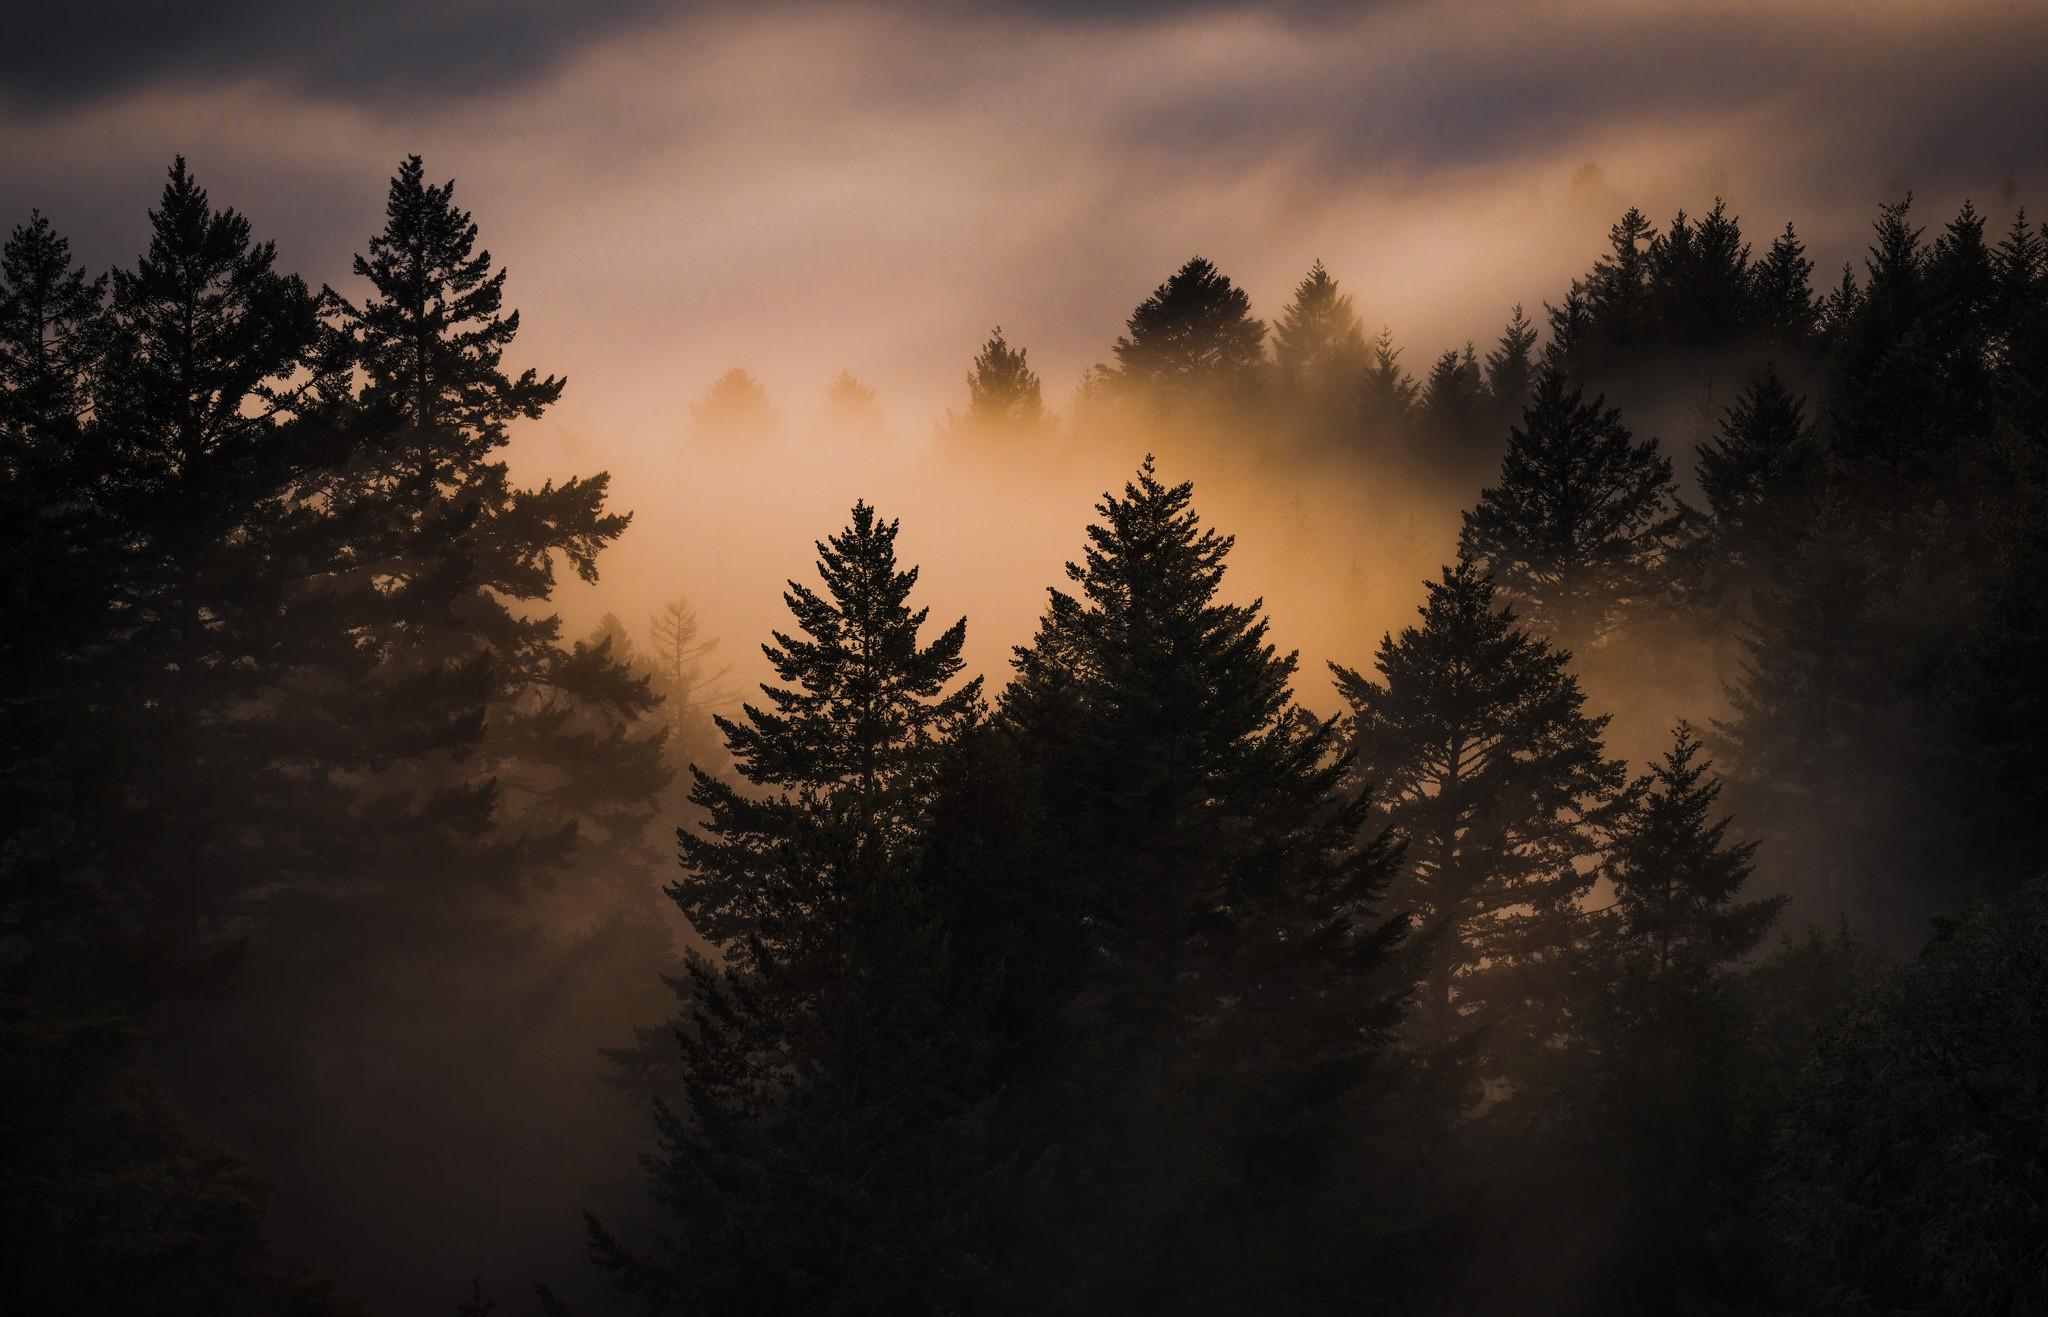 внимательные сотрудники картинки леса как в сумерках себе торунь